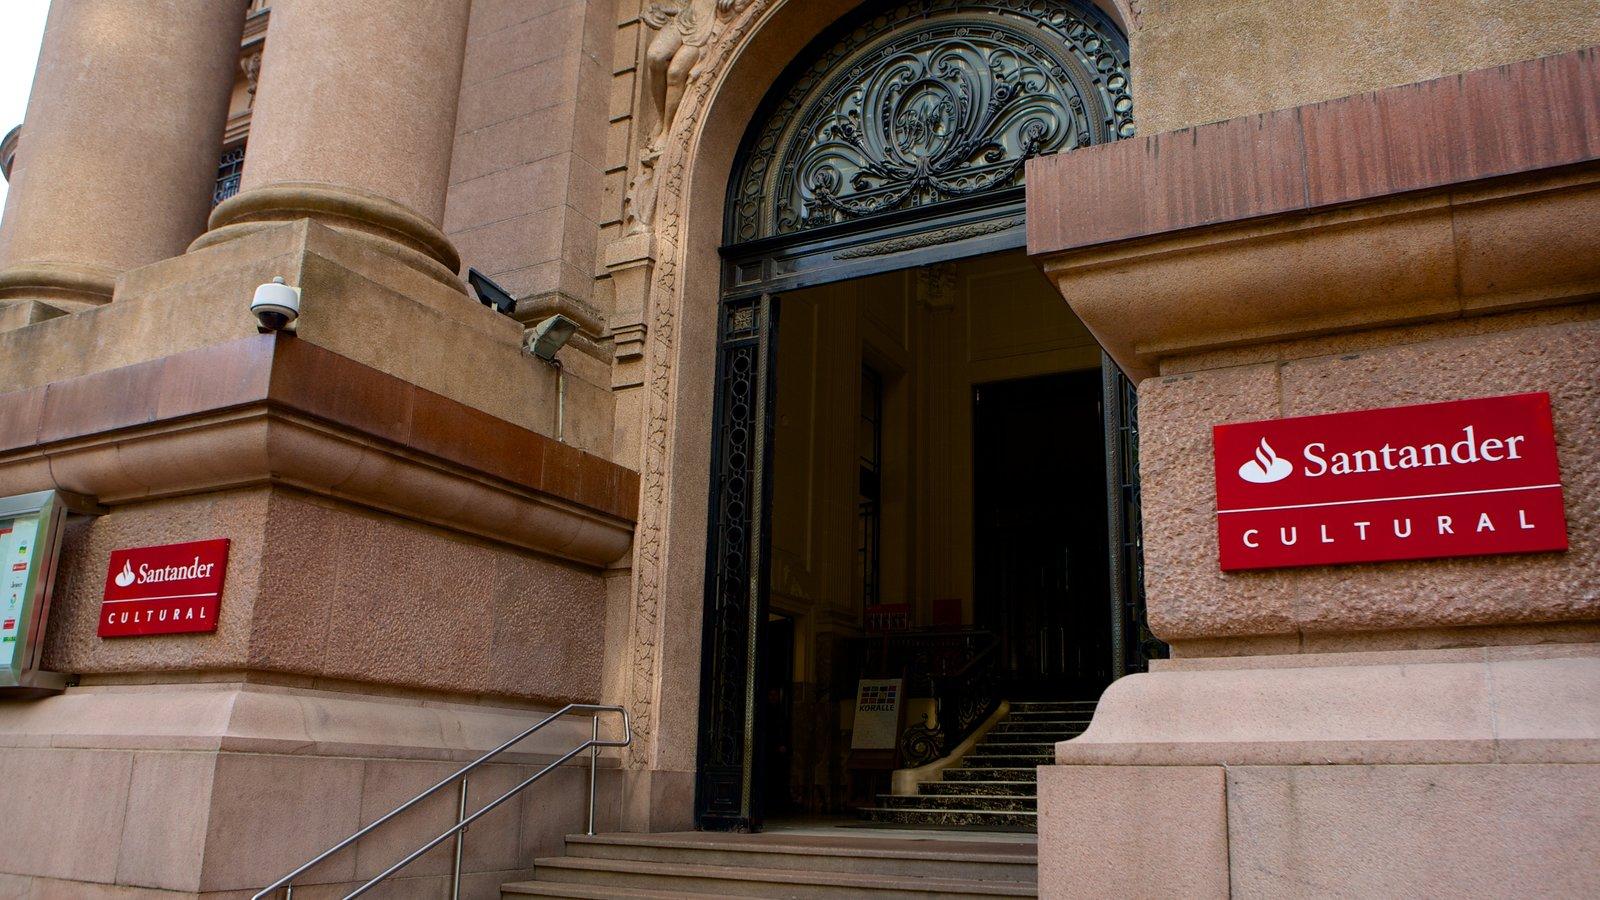 Santander Cultural que inclui sinalização e arquitetura de patrimônio